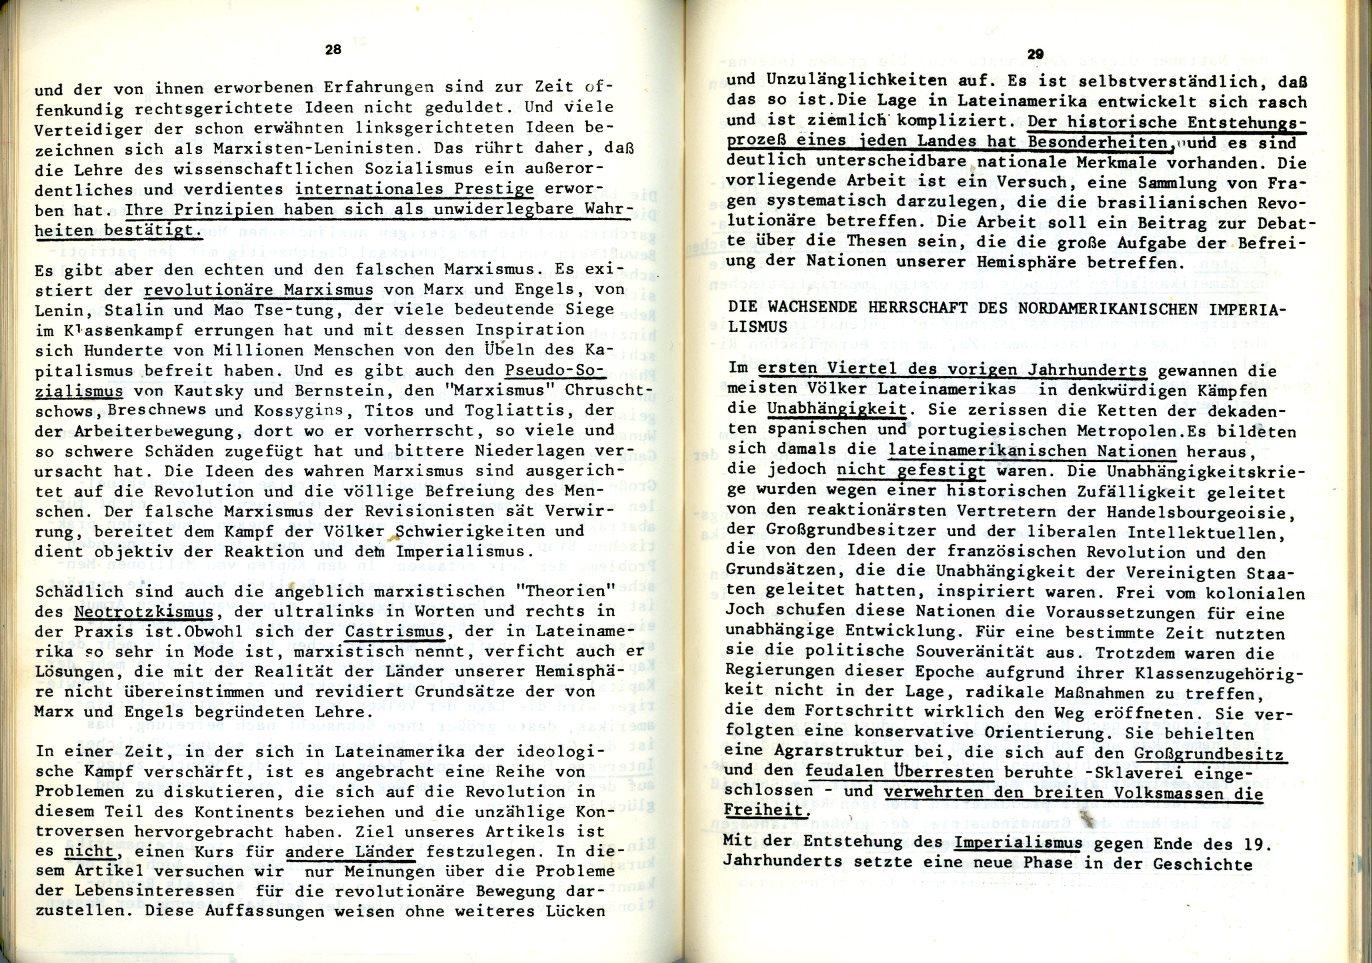 MLSK_Theorie_und_Praxis_des_ML_1978_20_23